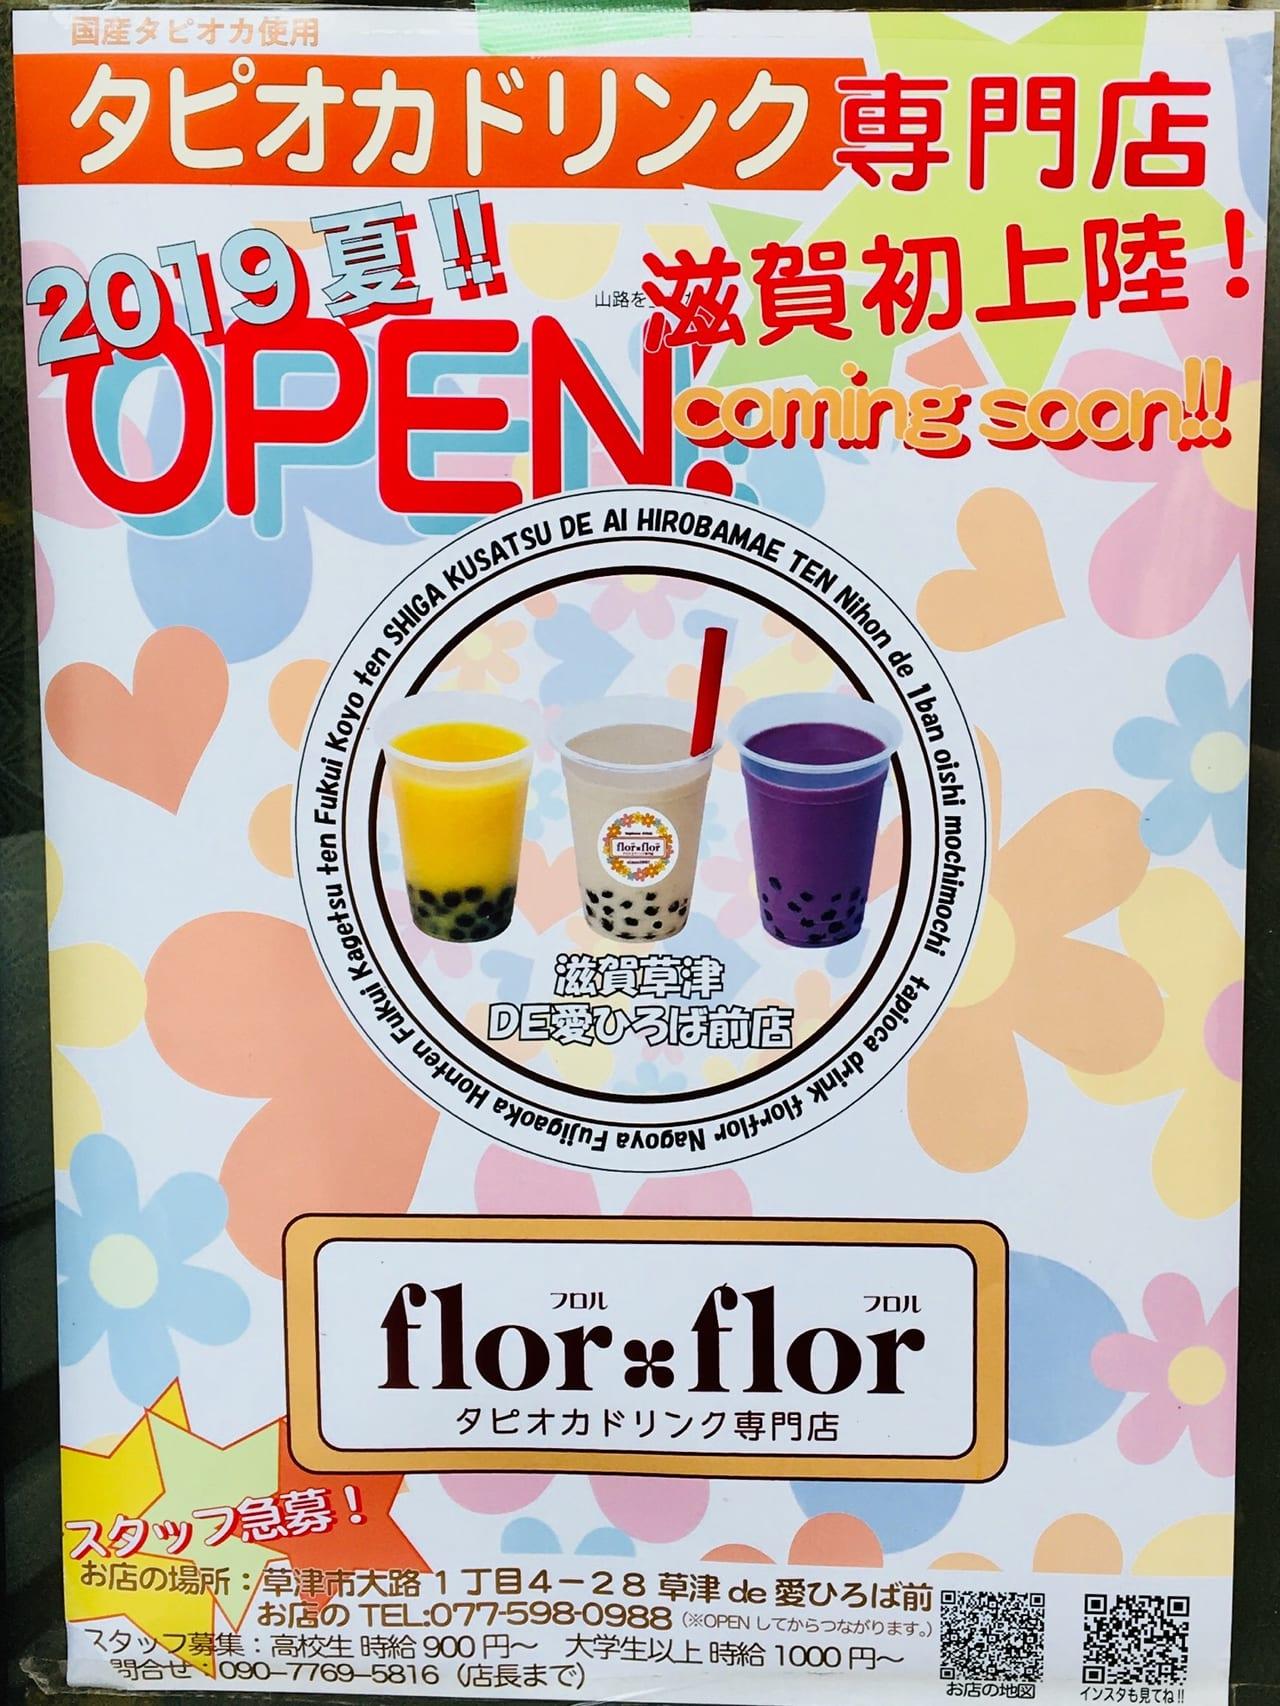 flor open